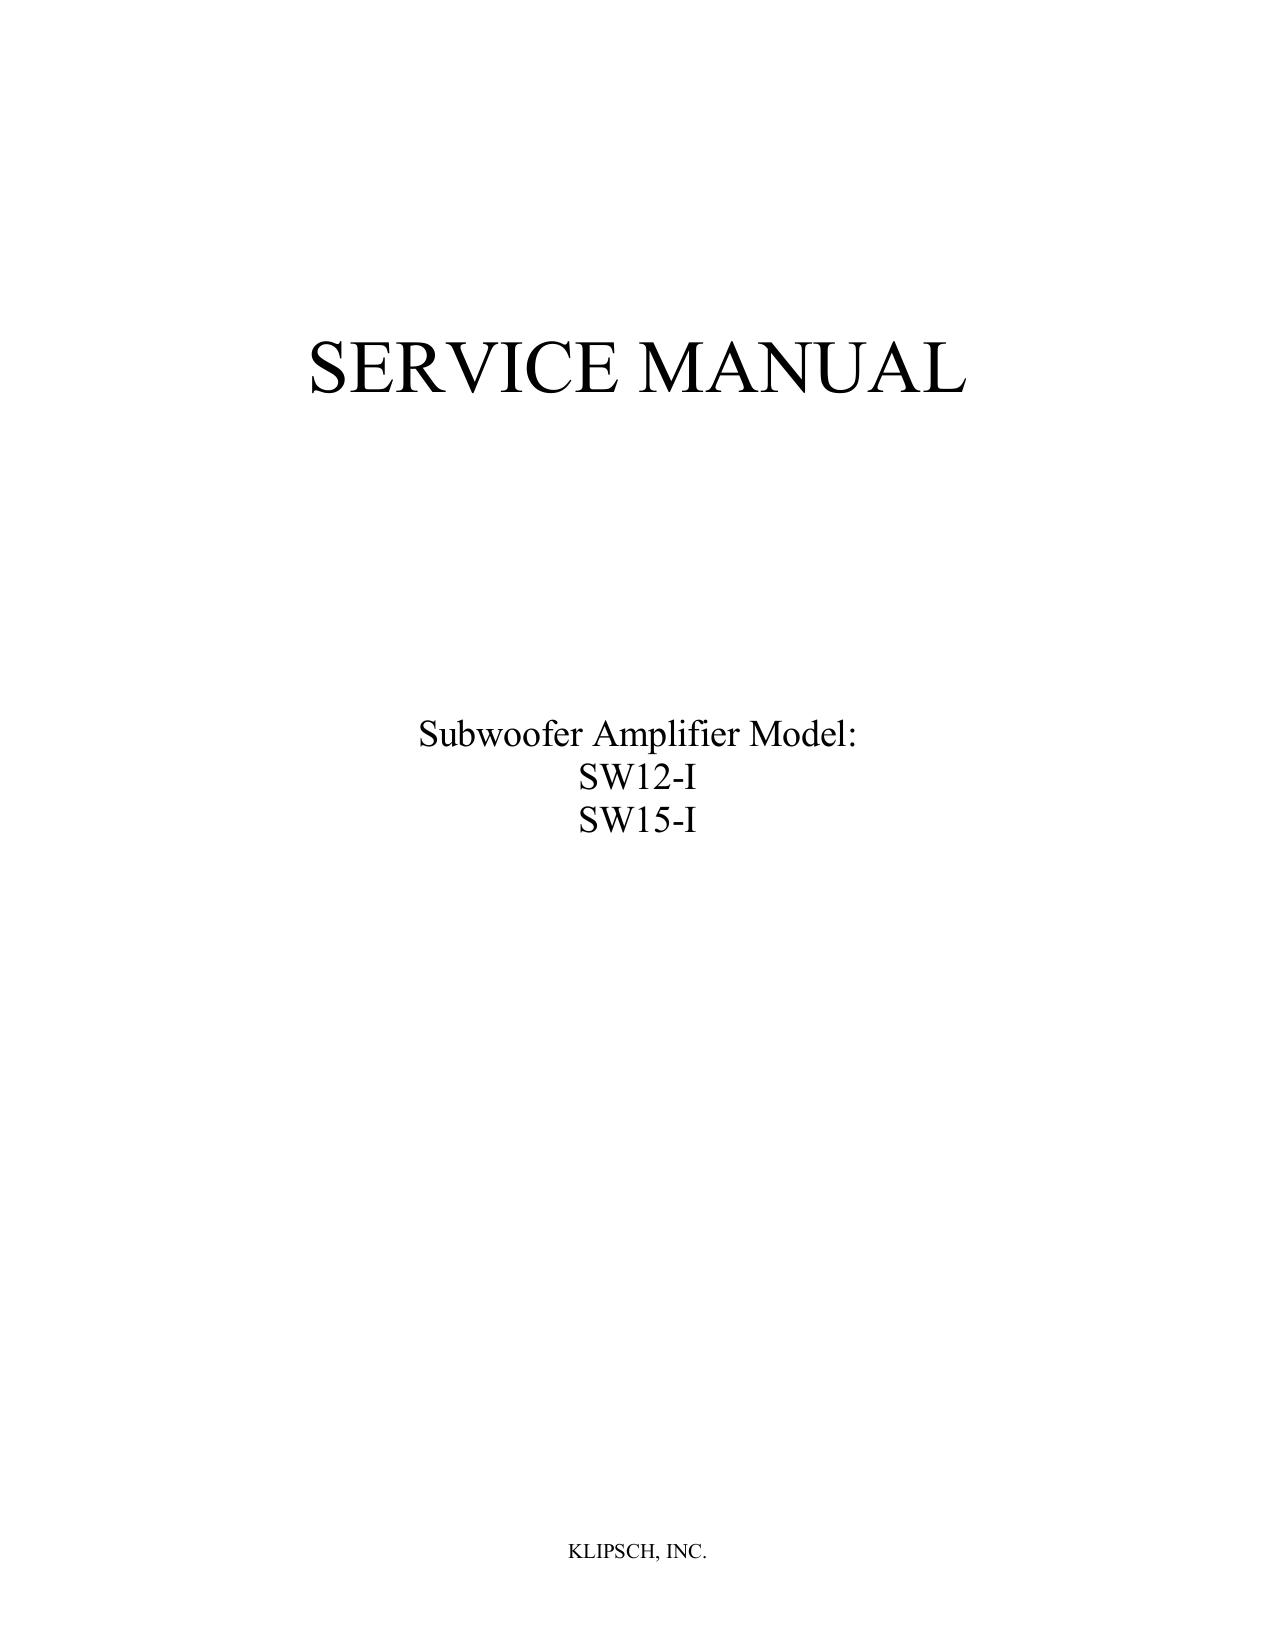 Klipsch subwoofer manual ksw 10